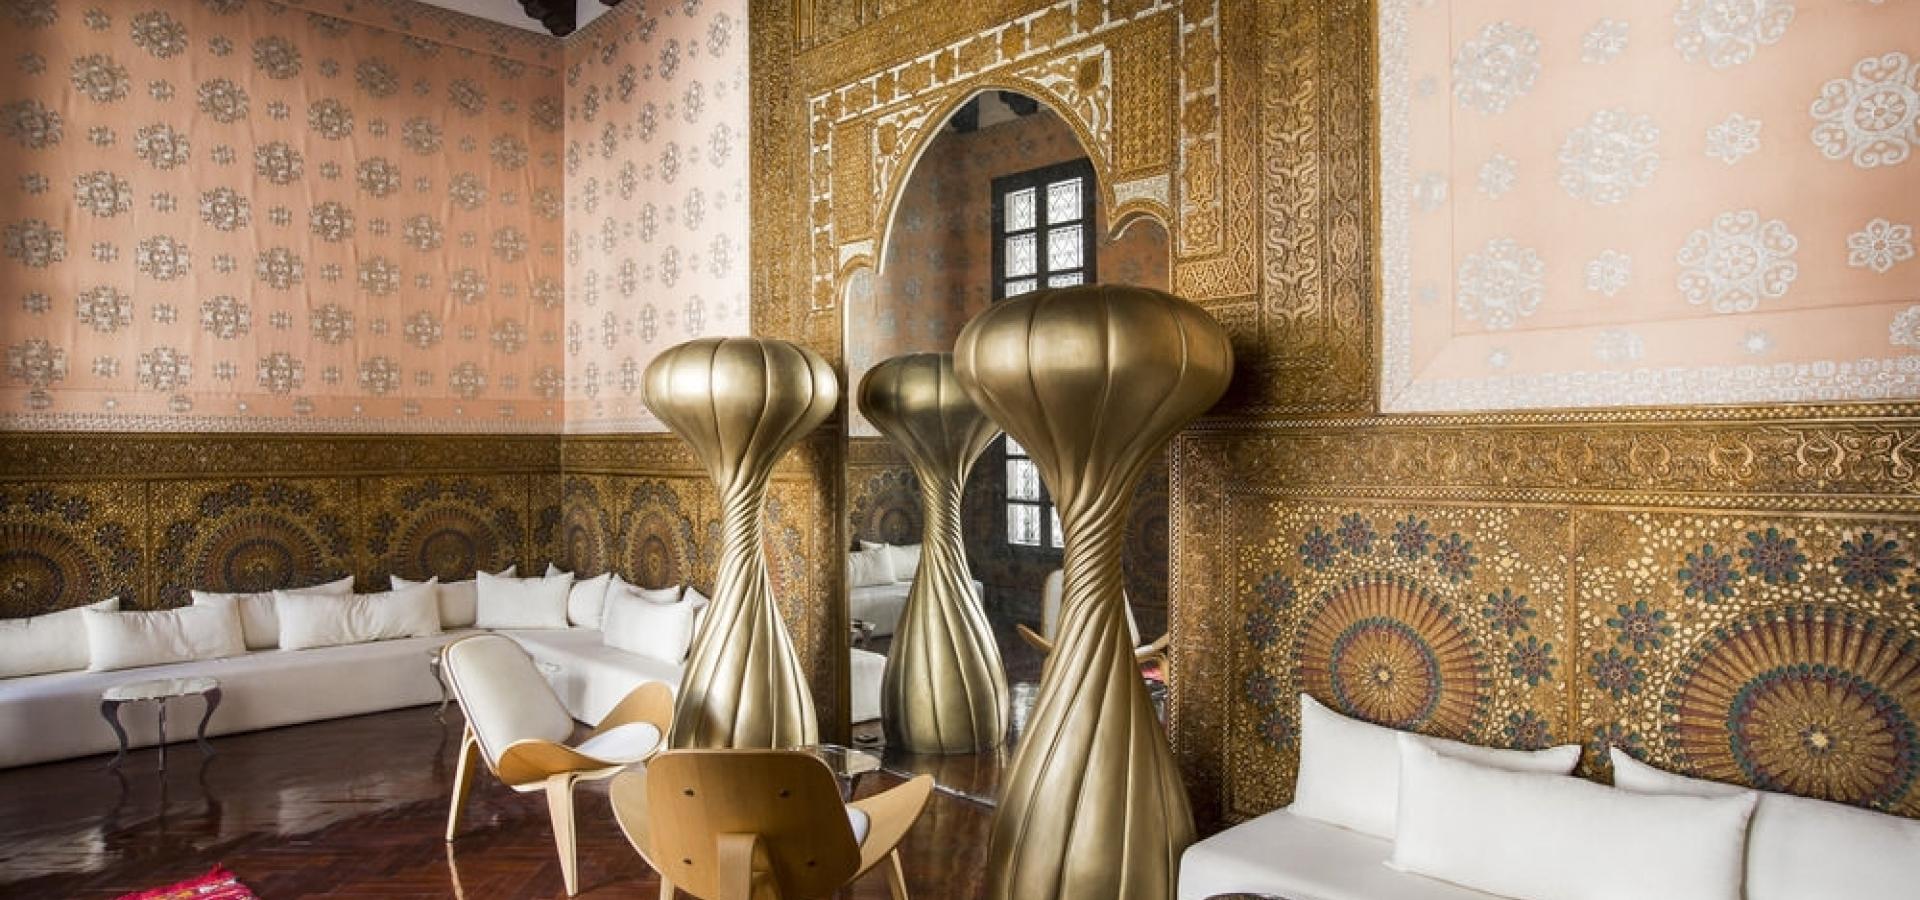 Marruecos - Riad Elisa Marrakech